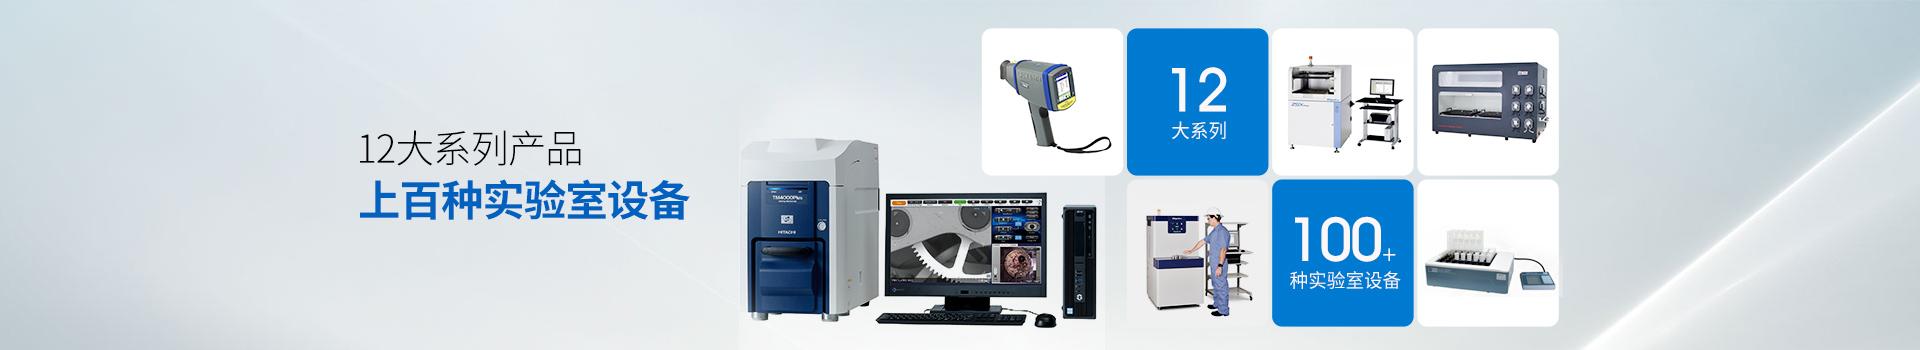 仪德-12大系列产品上百种实验室设备